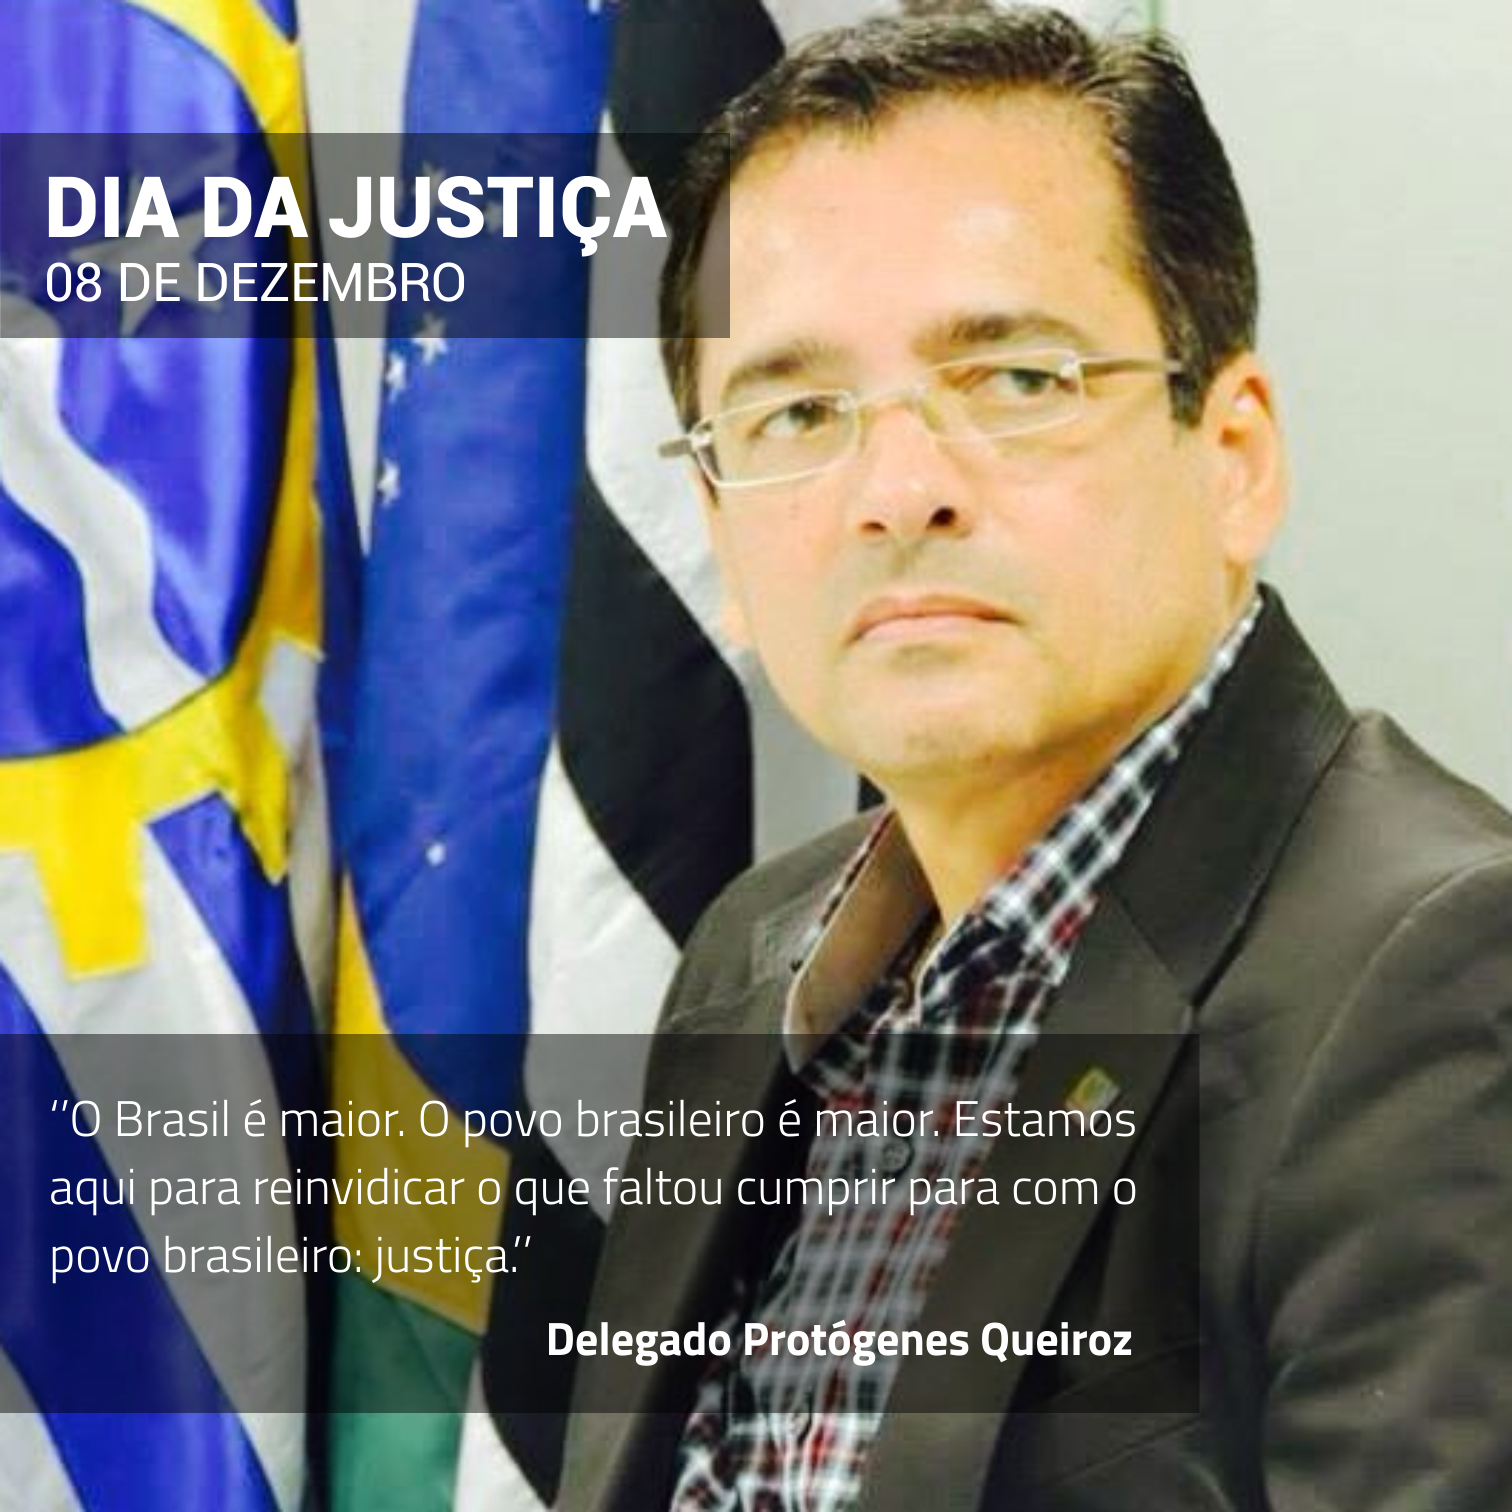 Hoje dia da Justiça, pedimos ajuda na luta contra a corrupção!!